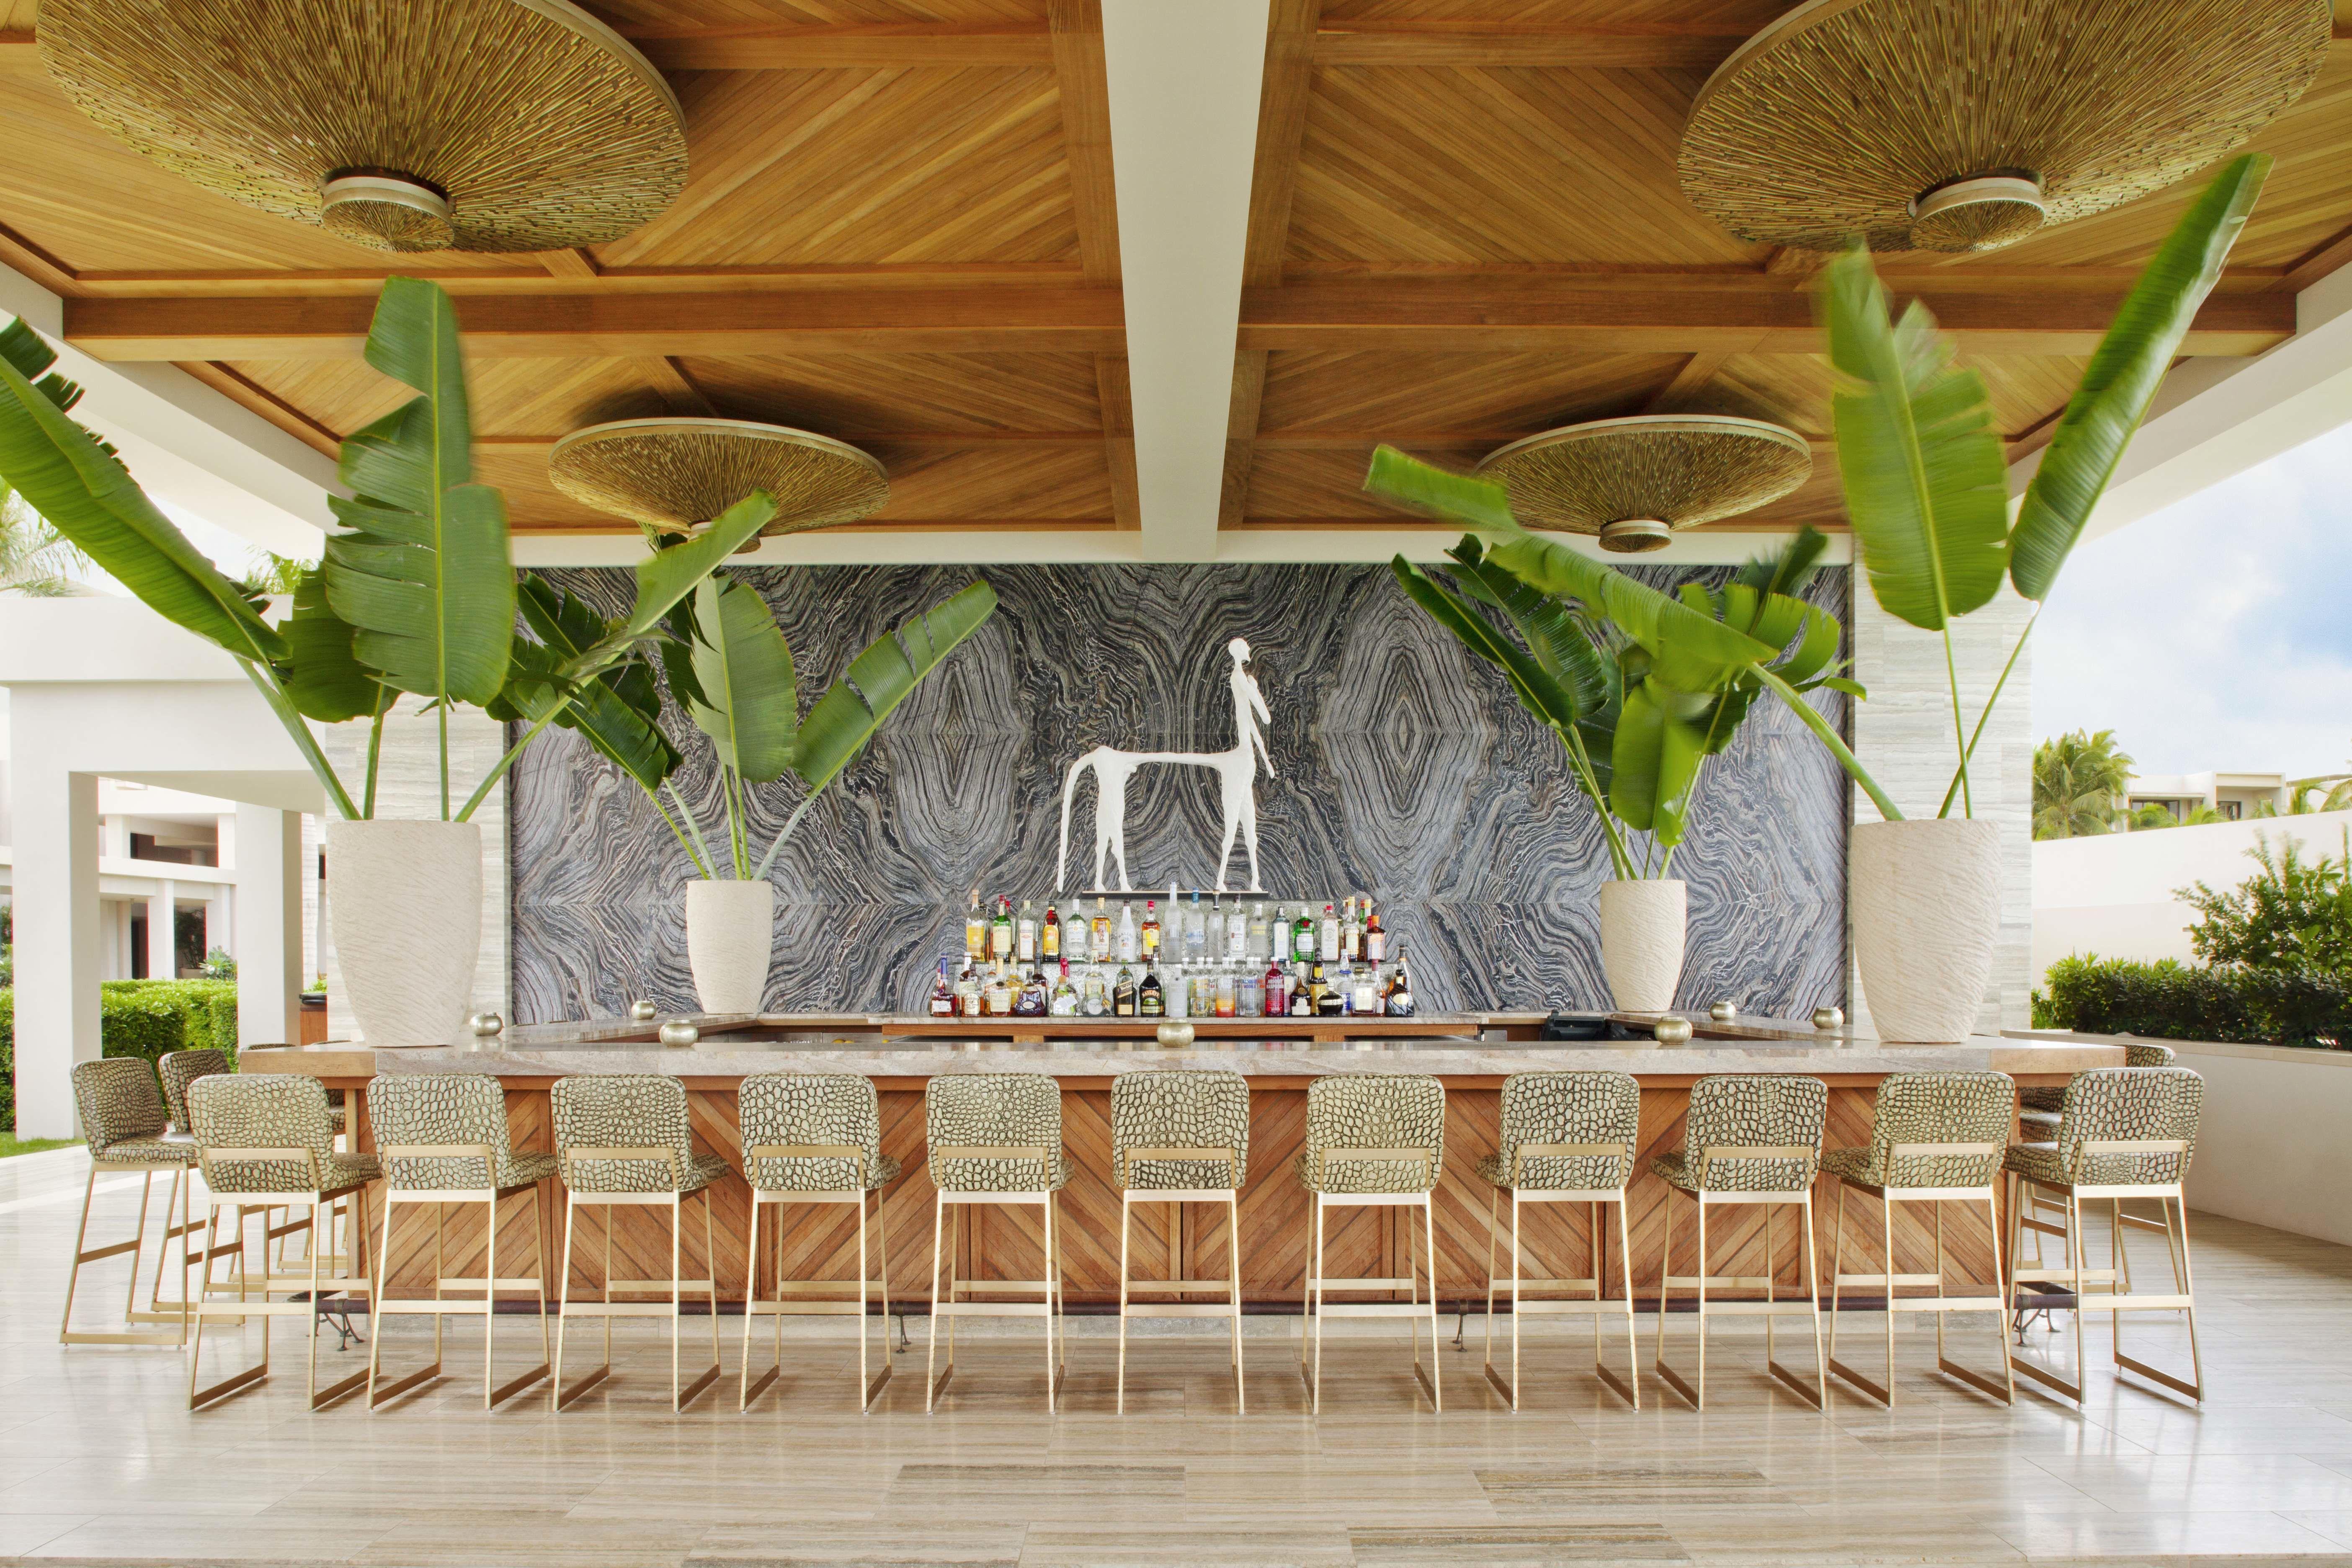 Kelly wearstler commercial kellywearstler interior design commercial